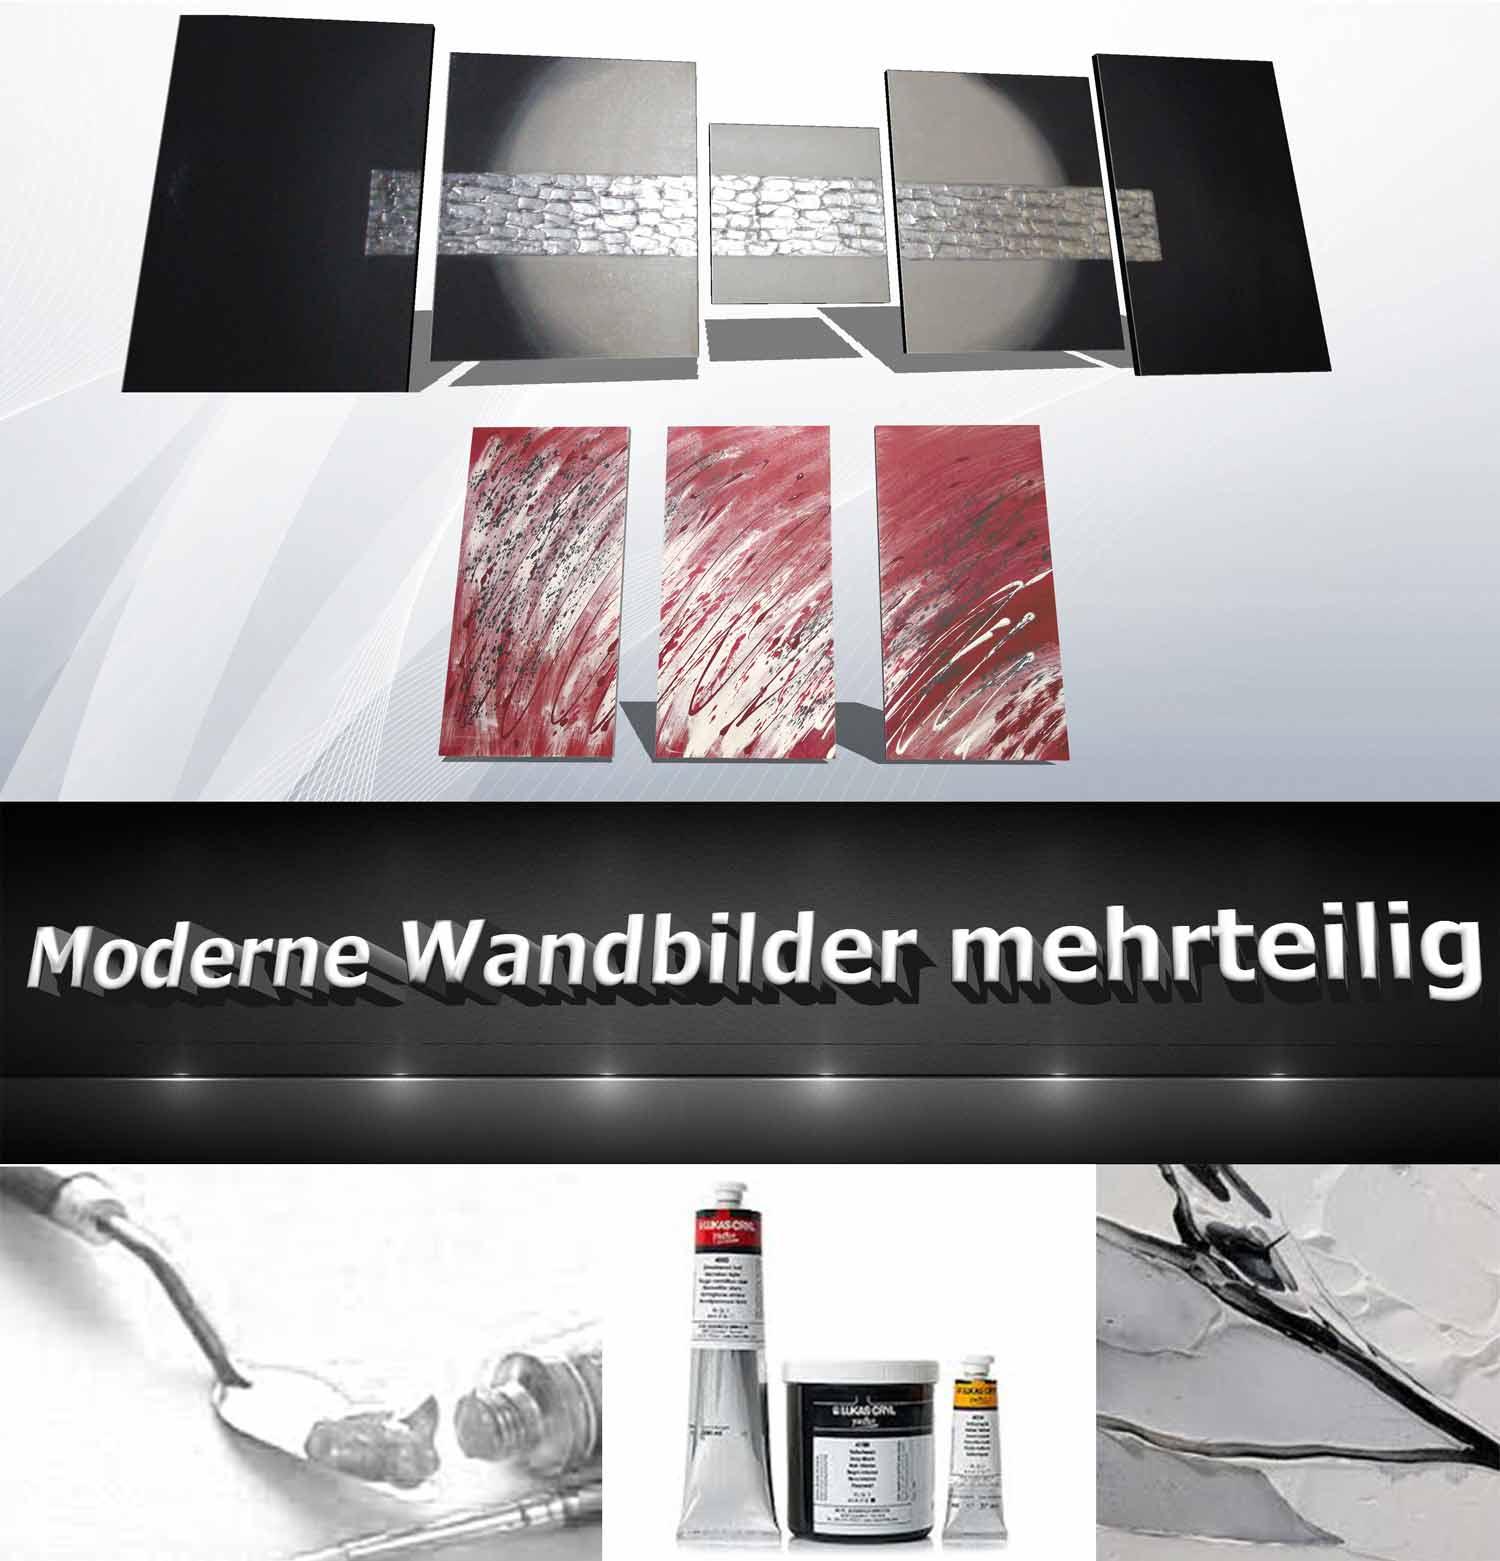 Moderne Wandbilder mehrteilge Wandbilder mehrteilig